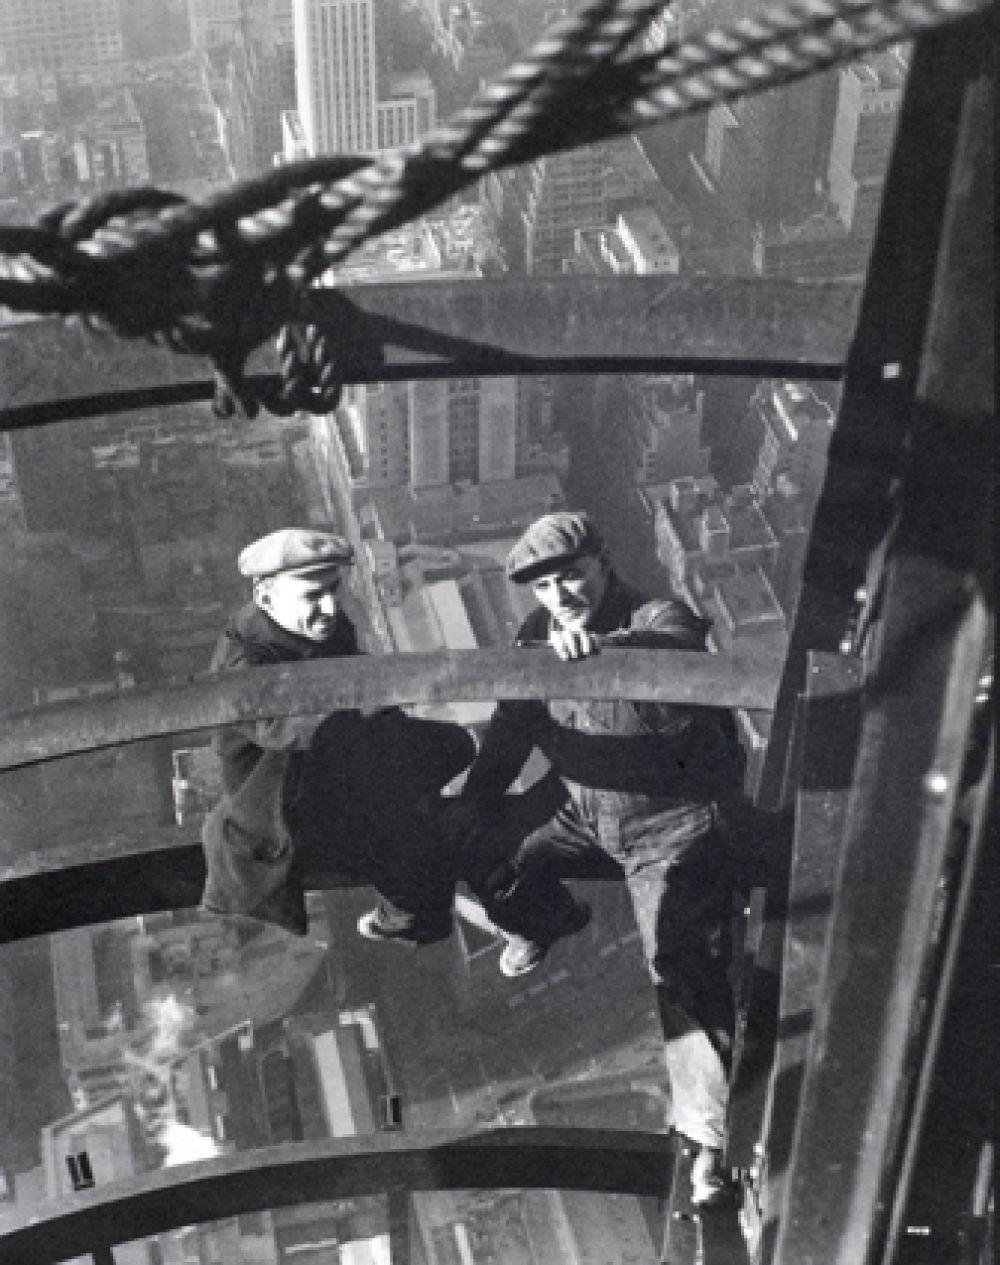 Строительство здания стало частью высотной гонки, проходящей в Нью-Йорке в то время. Два других проекта, участвовавших в гонке — Уолл-стрит, 40 и Крайслер Билдинг, были на стадии реализации, когда Эмпайр-стейт-билдинг только начинал строиться.